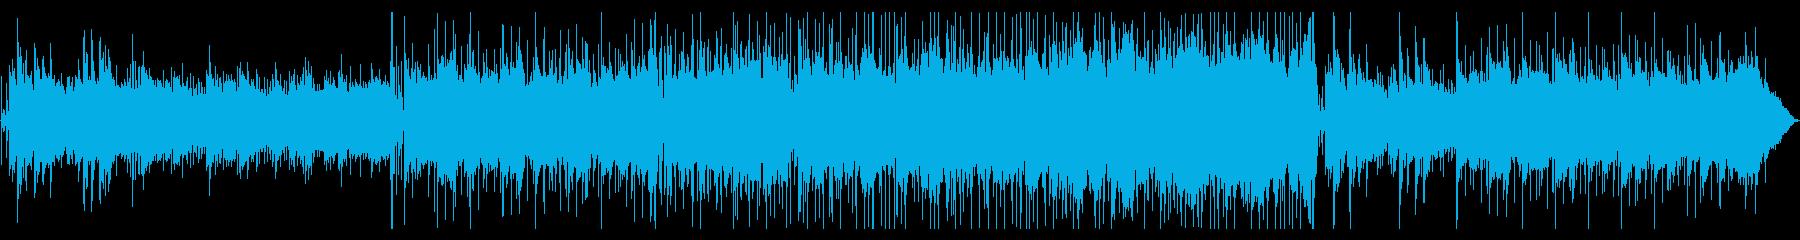 トリプレット。スロー。ピアノバー。...の再生済みの波形